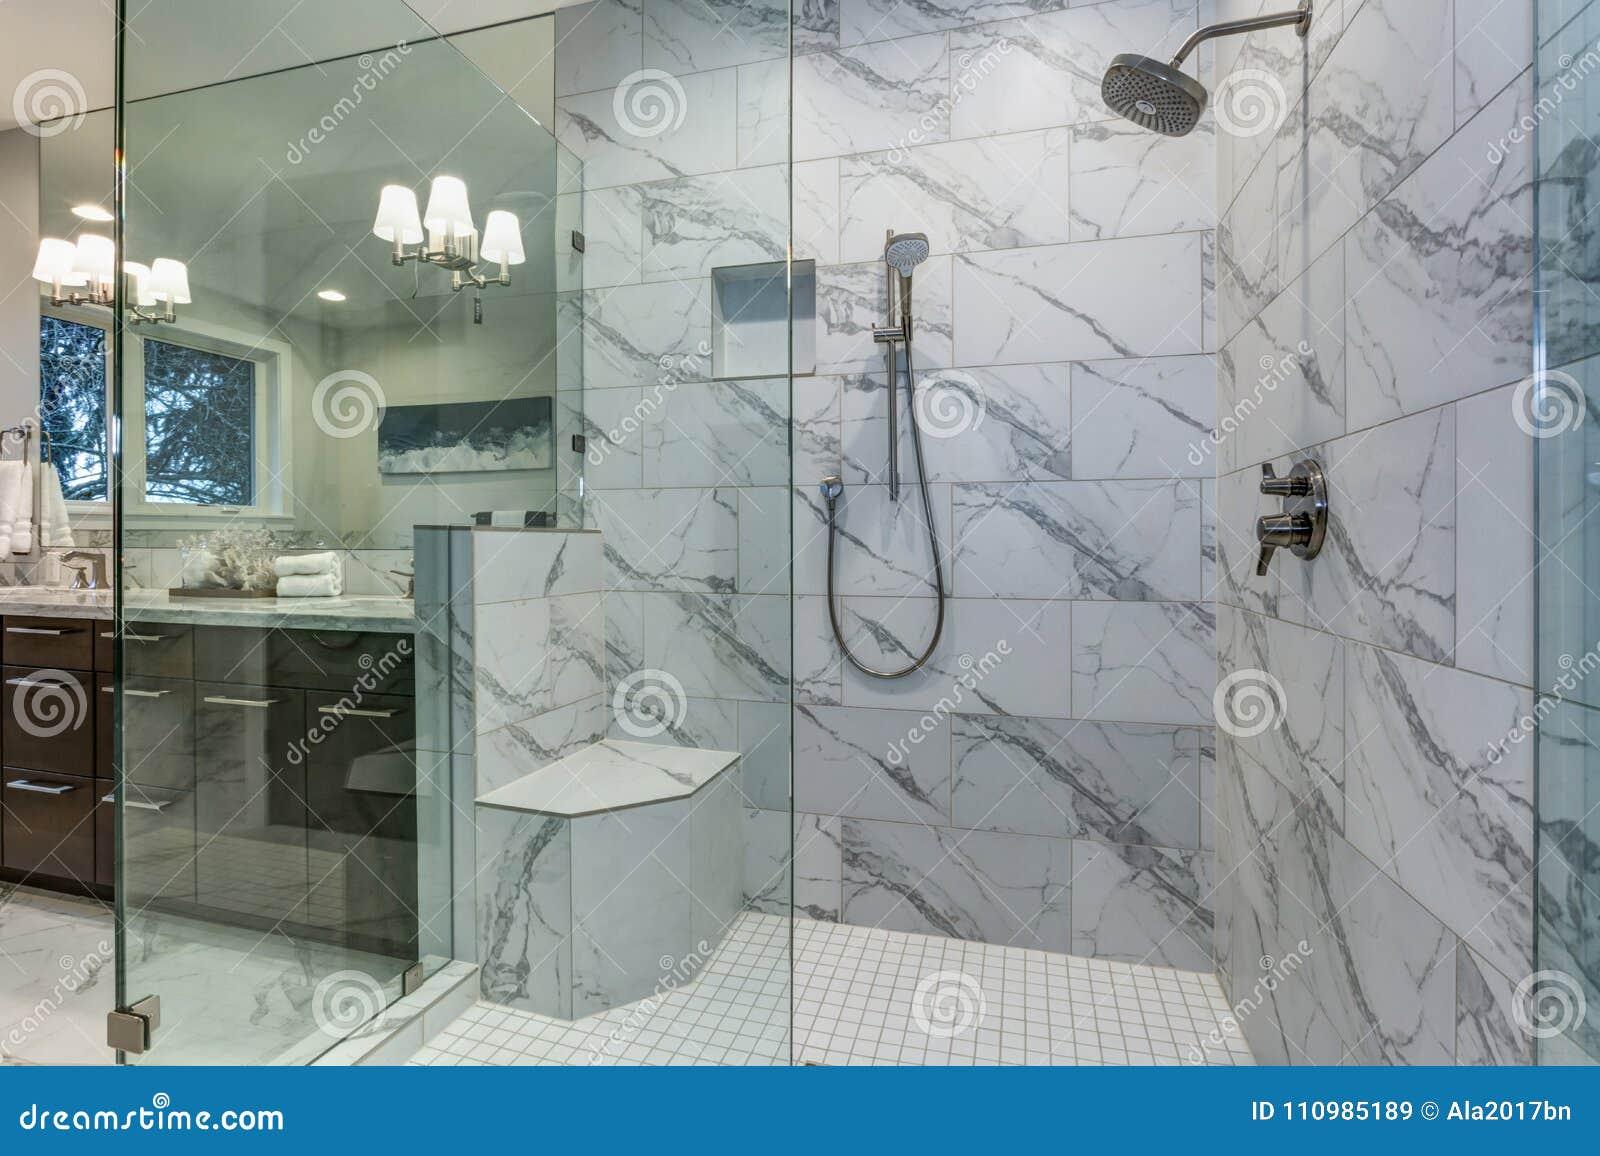 Bagni In Marmo Di Carrara : Bagno matrice incredibile con bordi delle mattonelle del marmo di